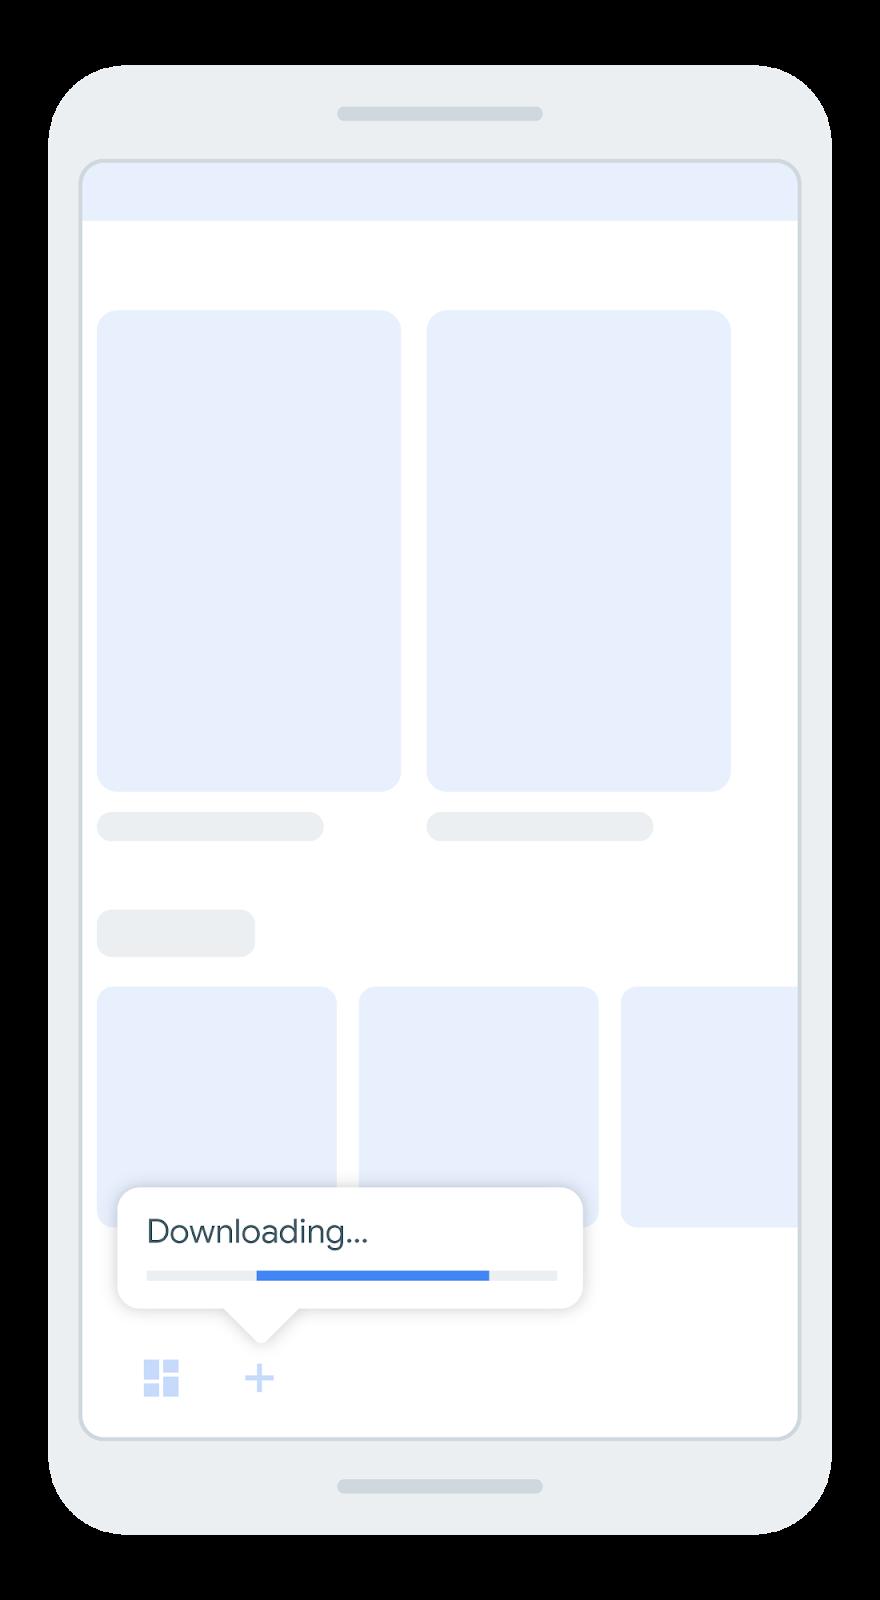 tela que mostra uma barra de navegação inferior com um ícone que indica          o download de um módulo de recursos.